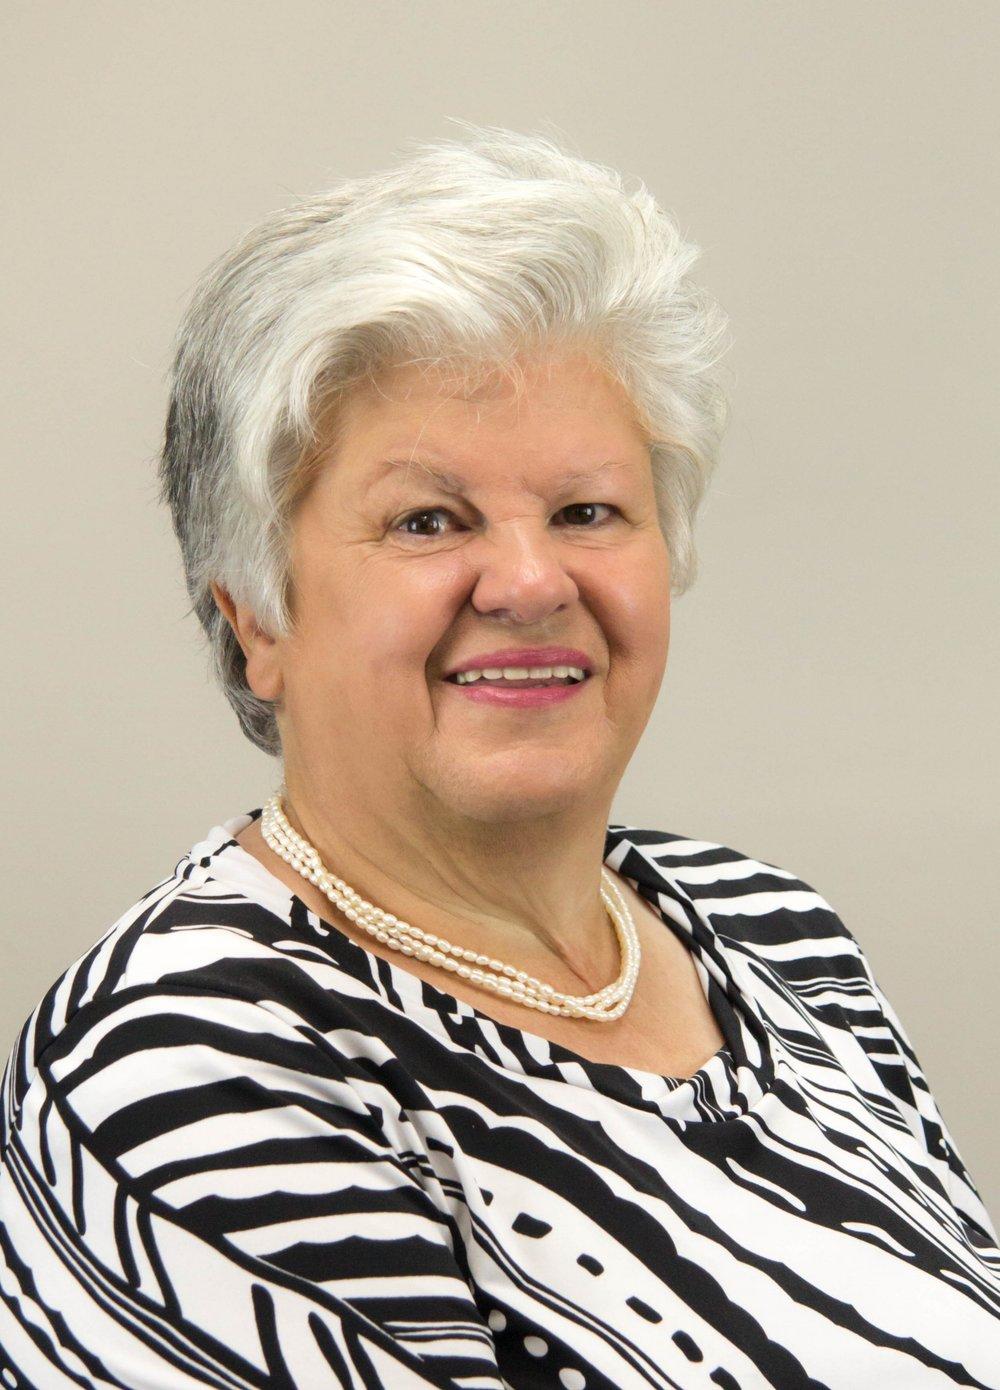 Town of Cardston Mayor Maggie Kronen